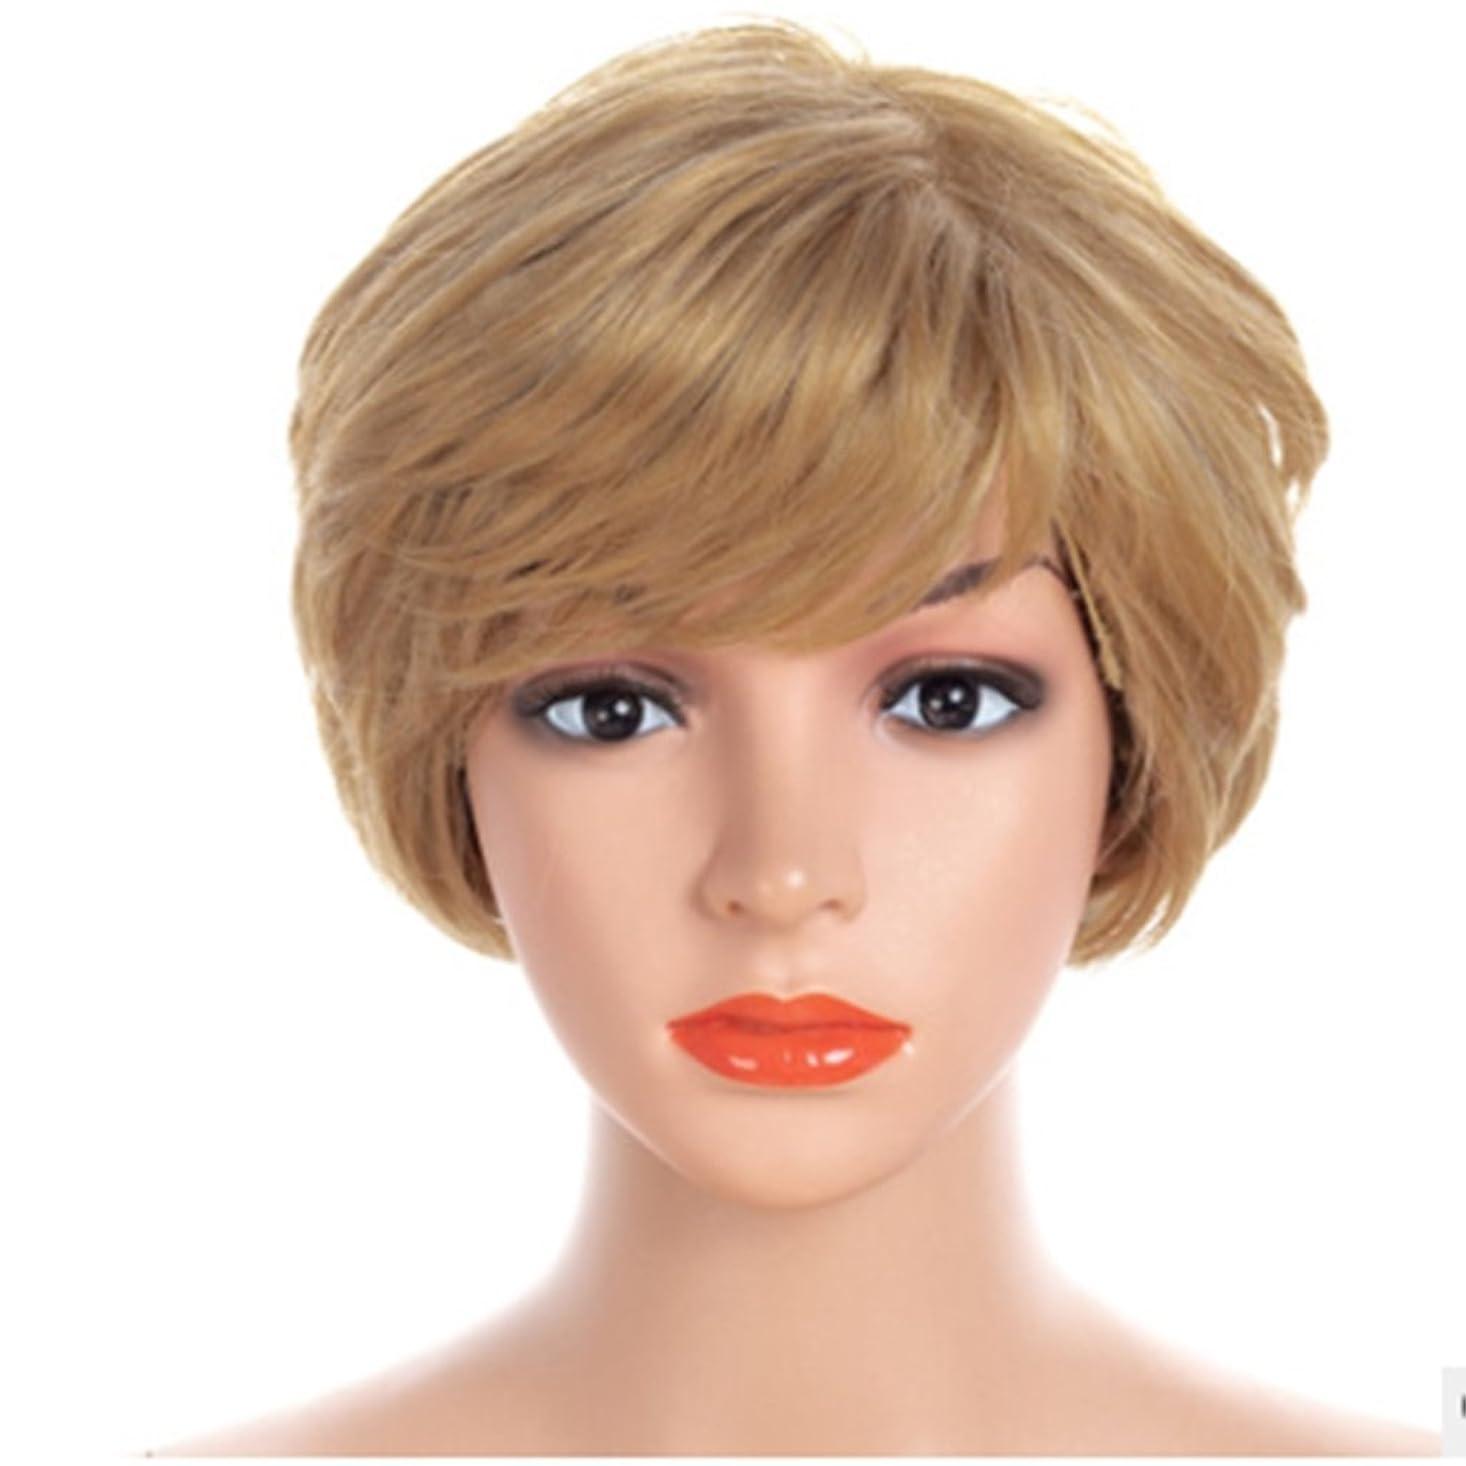 ミンチるサンプルKoloeplf 30cmショートストレートウィッグフラットまたは斜めバンズとヘアスタイルウィッグ - ナチュラルゴールドと白ウィッグ (Color : Gold-white)